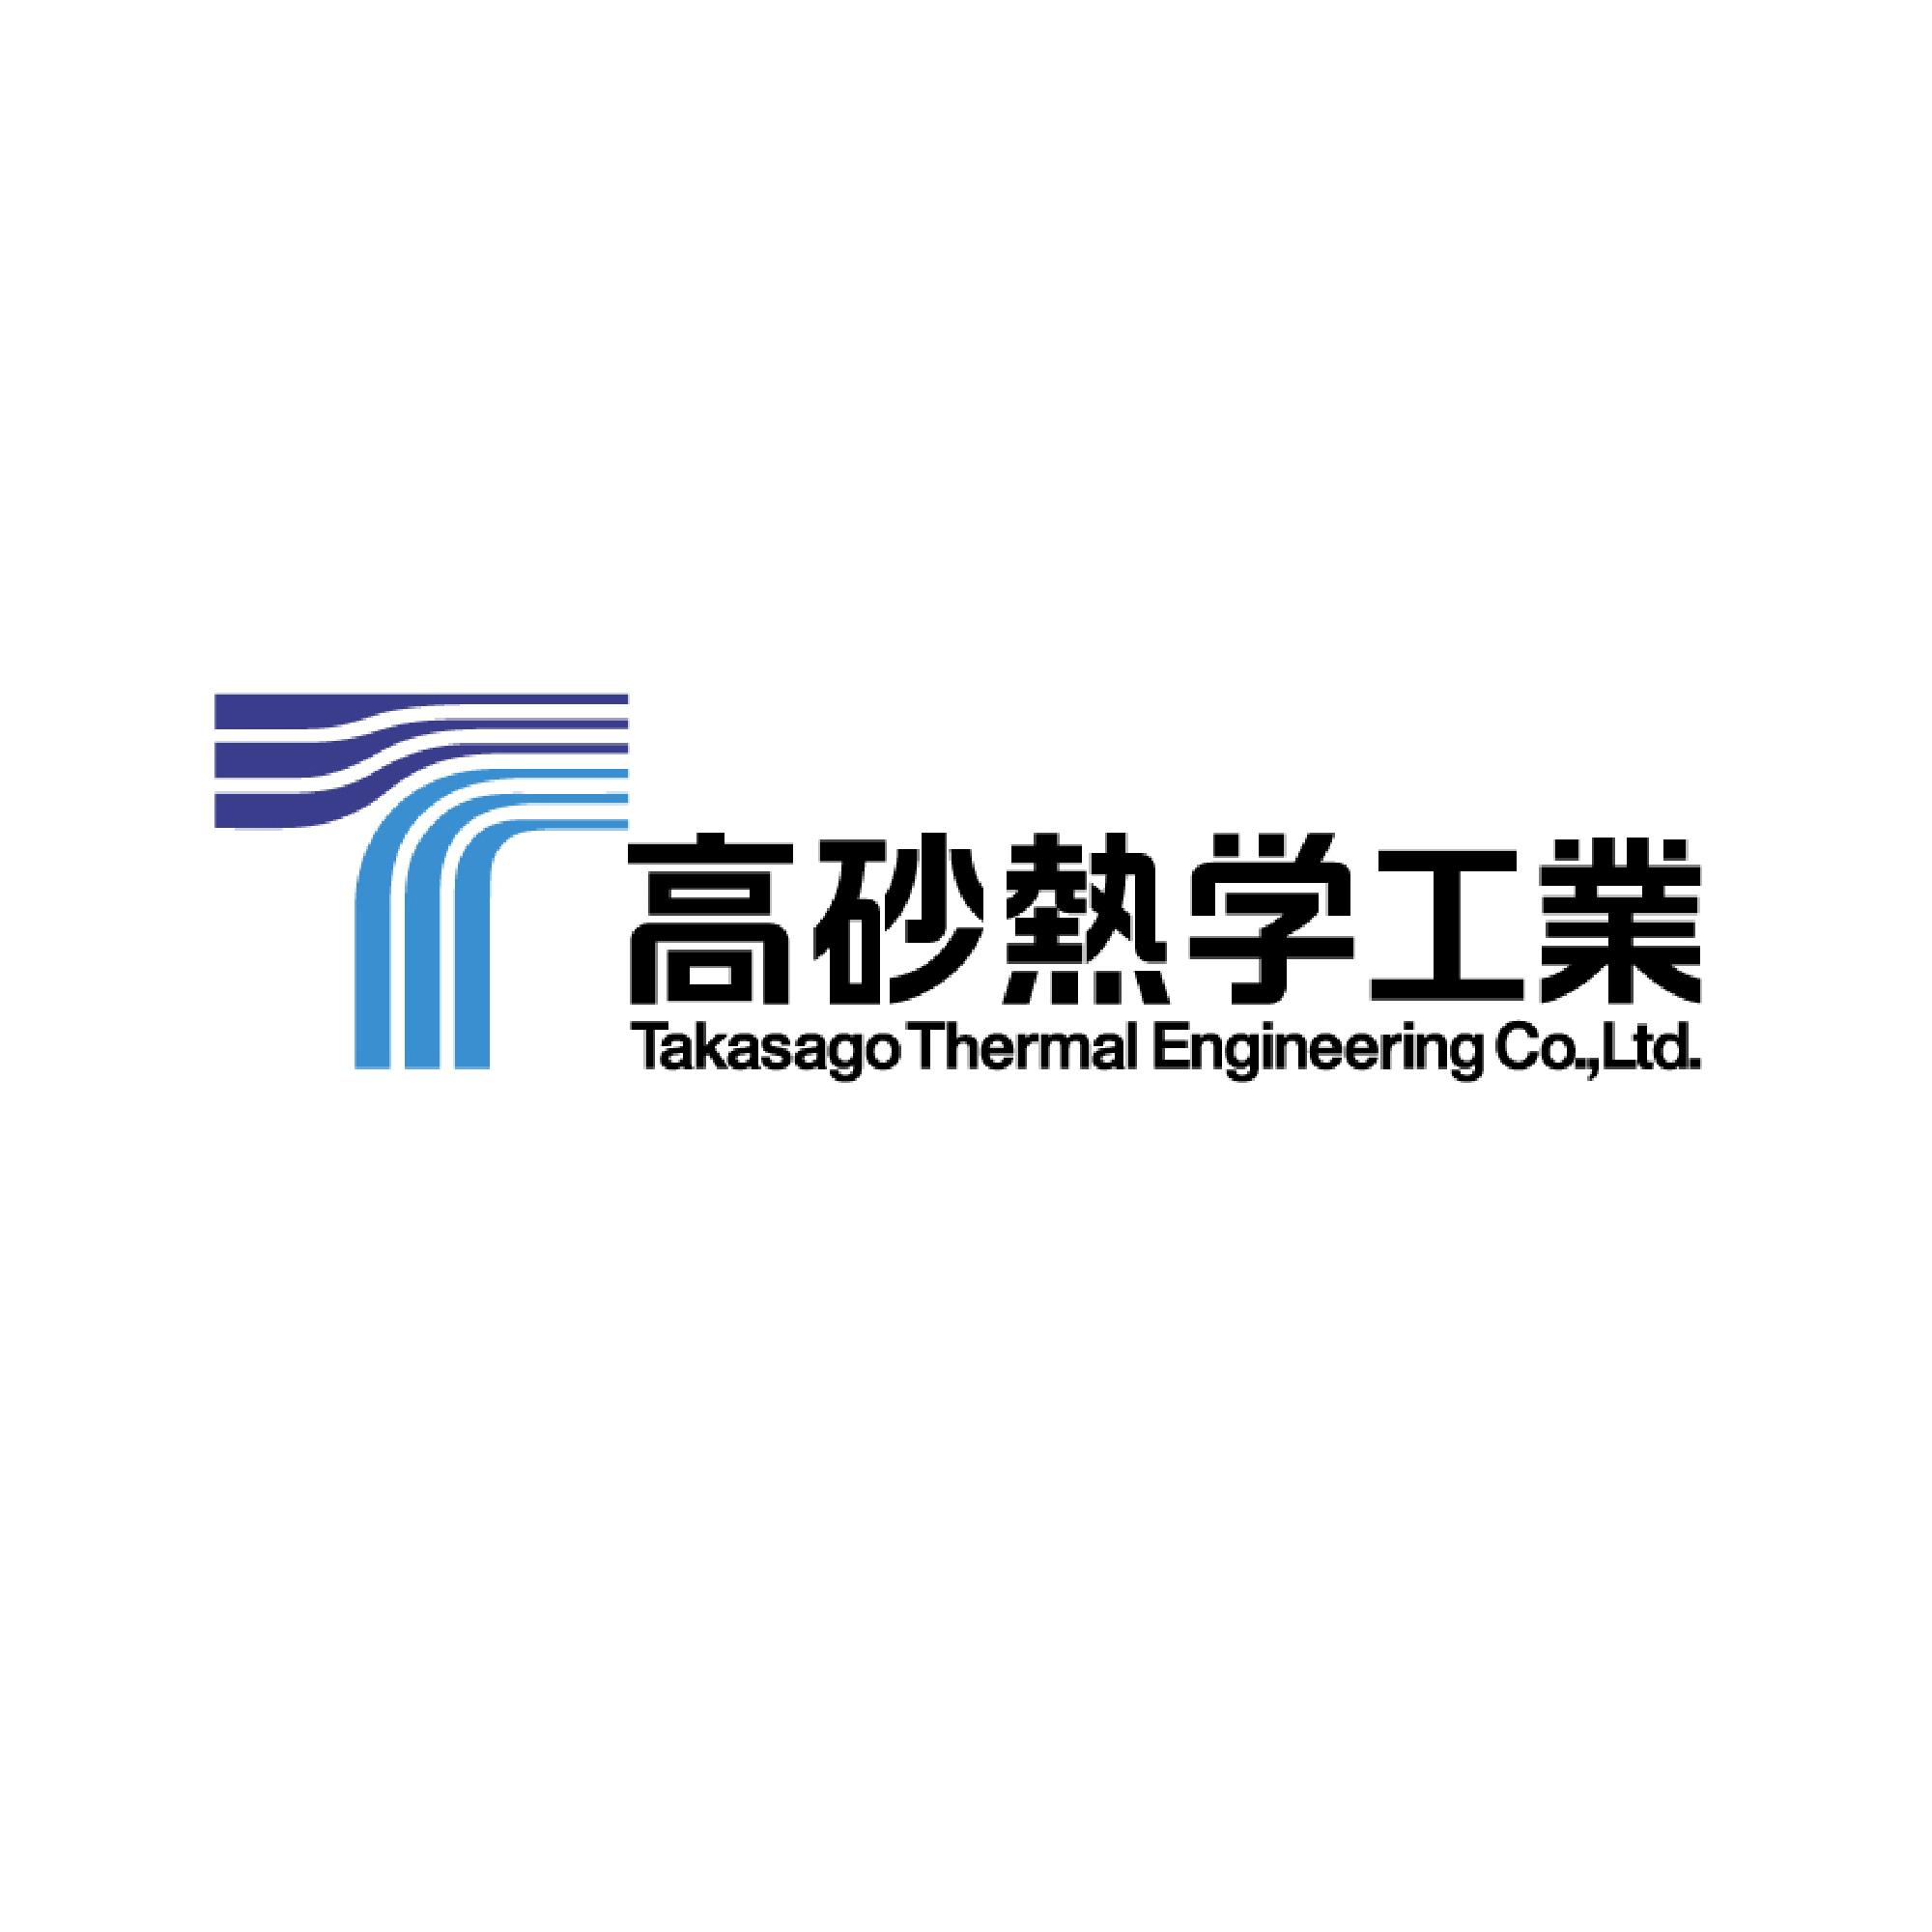 高砂熱学工業株式会社のイメージ